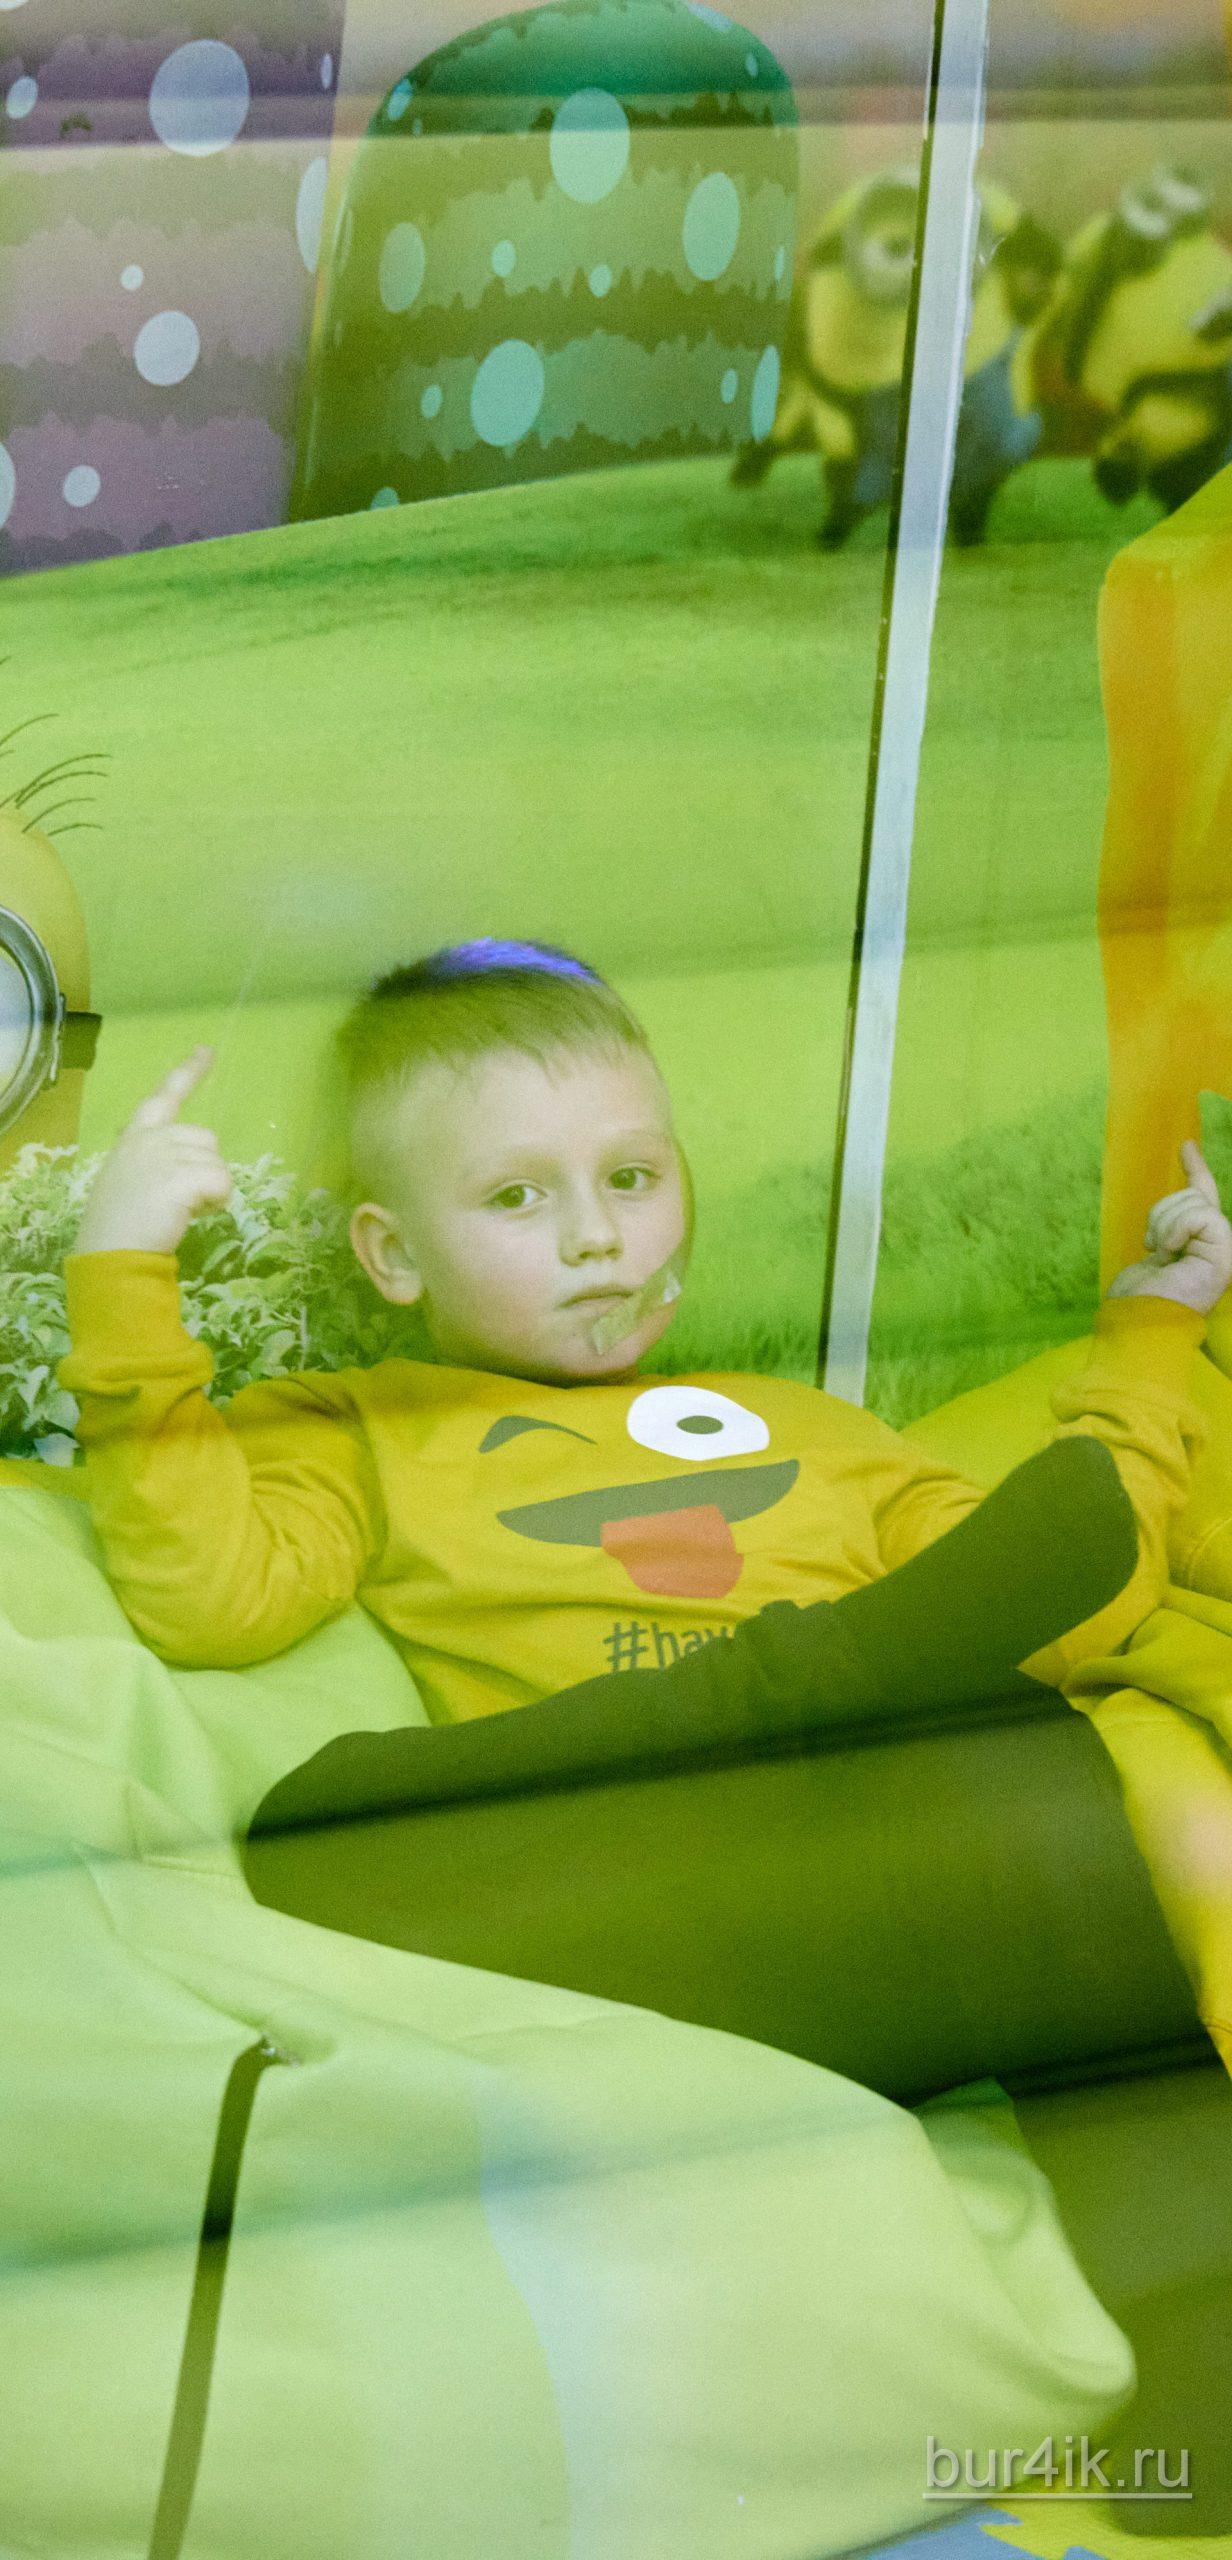 Фото Детское День Рождения в Детский Дворик 15.01.2020 №149 -photo- bur4ik.ru